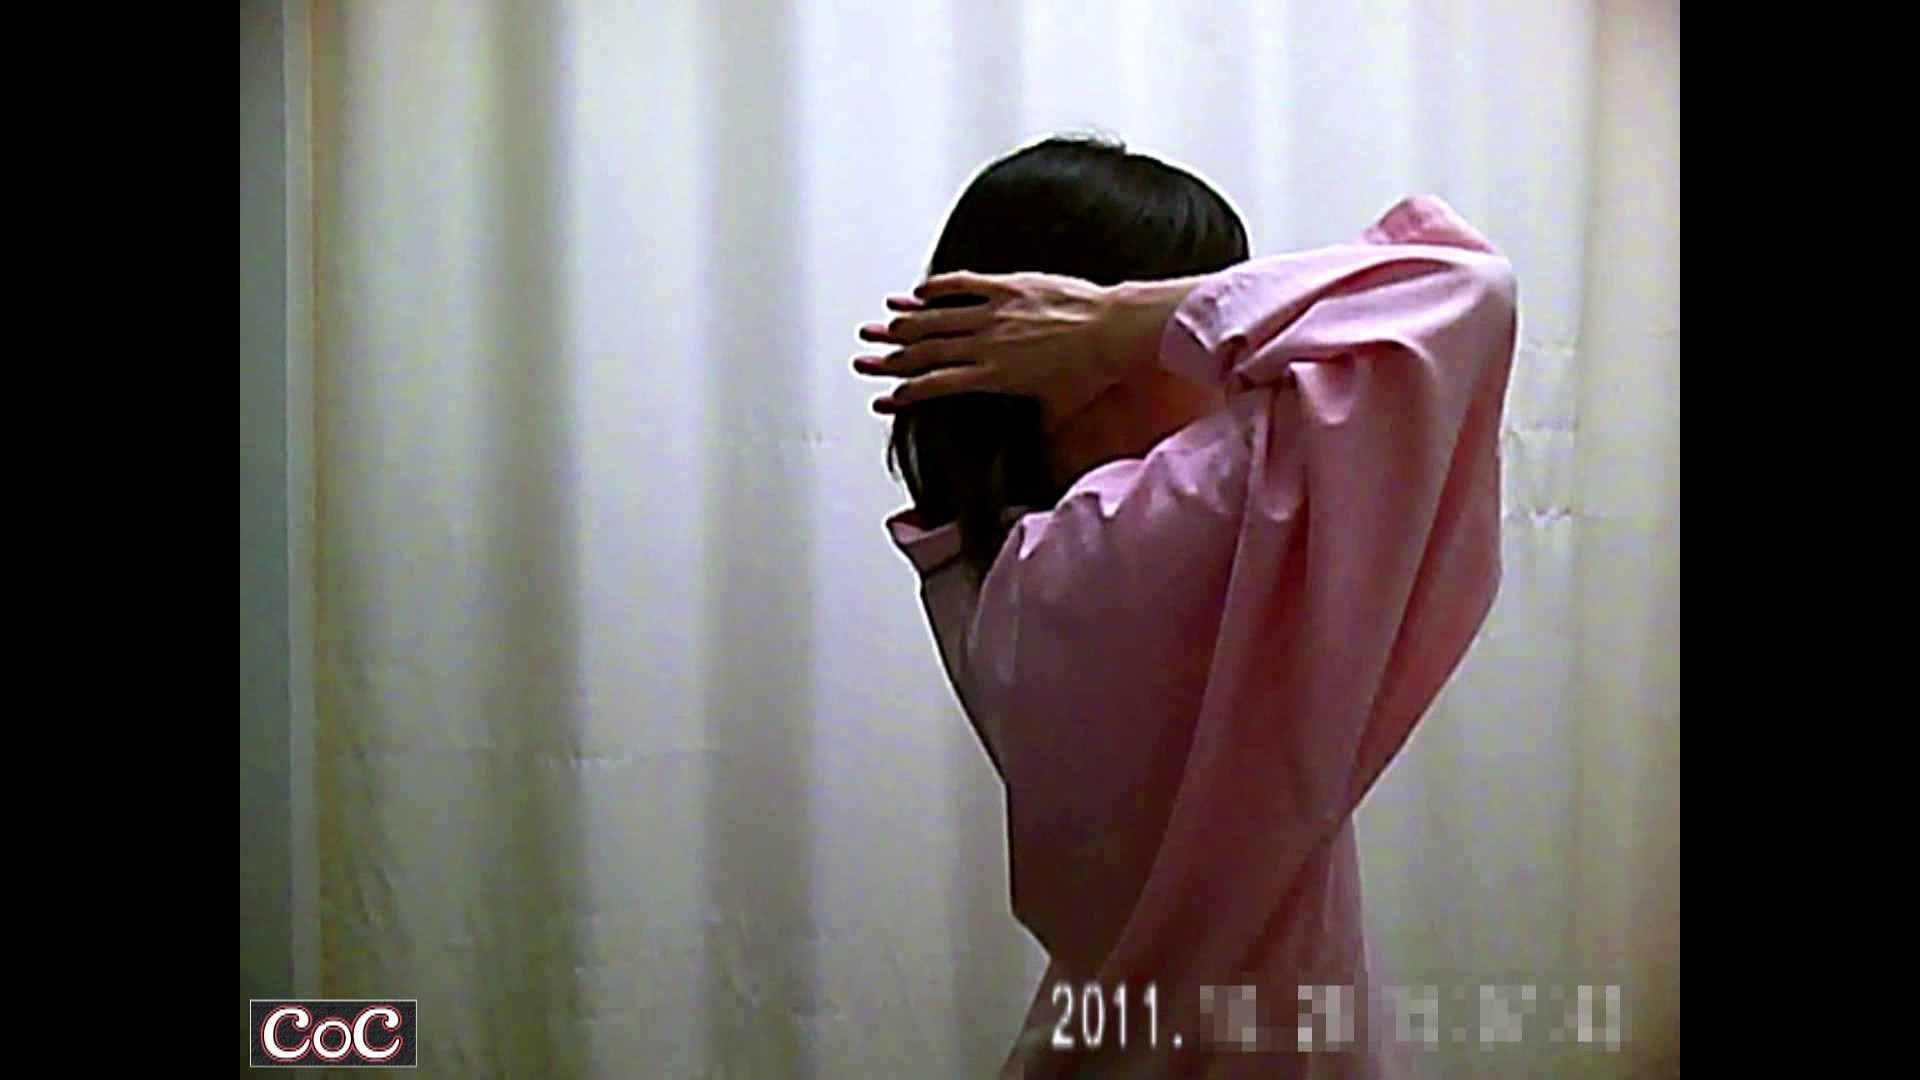 病院おもいっきり着替え! vol.75 おっぱい特集 オマンコ無修正動画無料 84pic 81